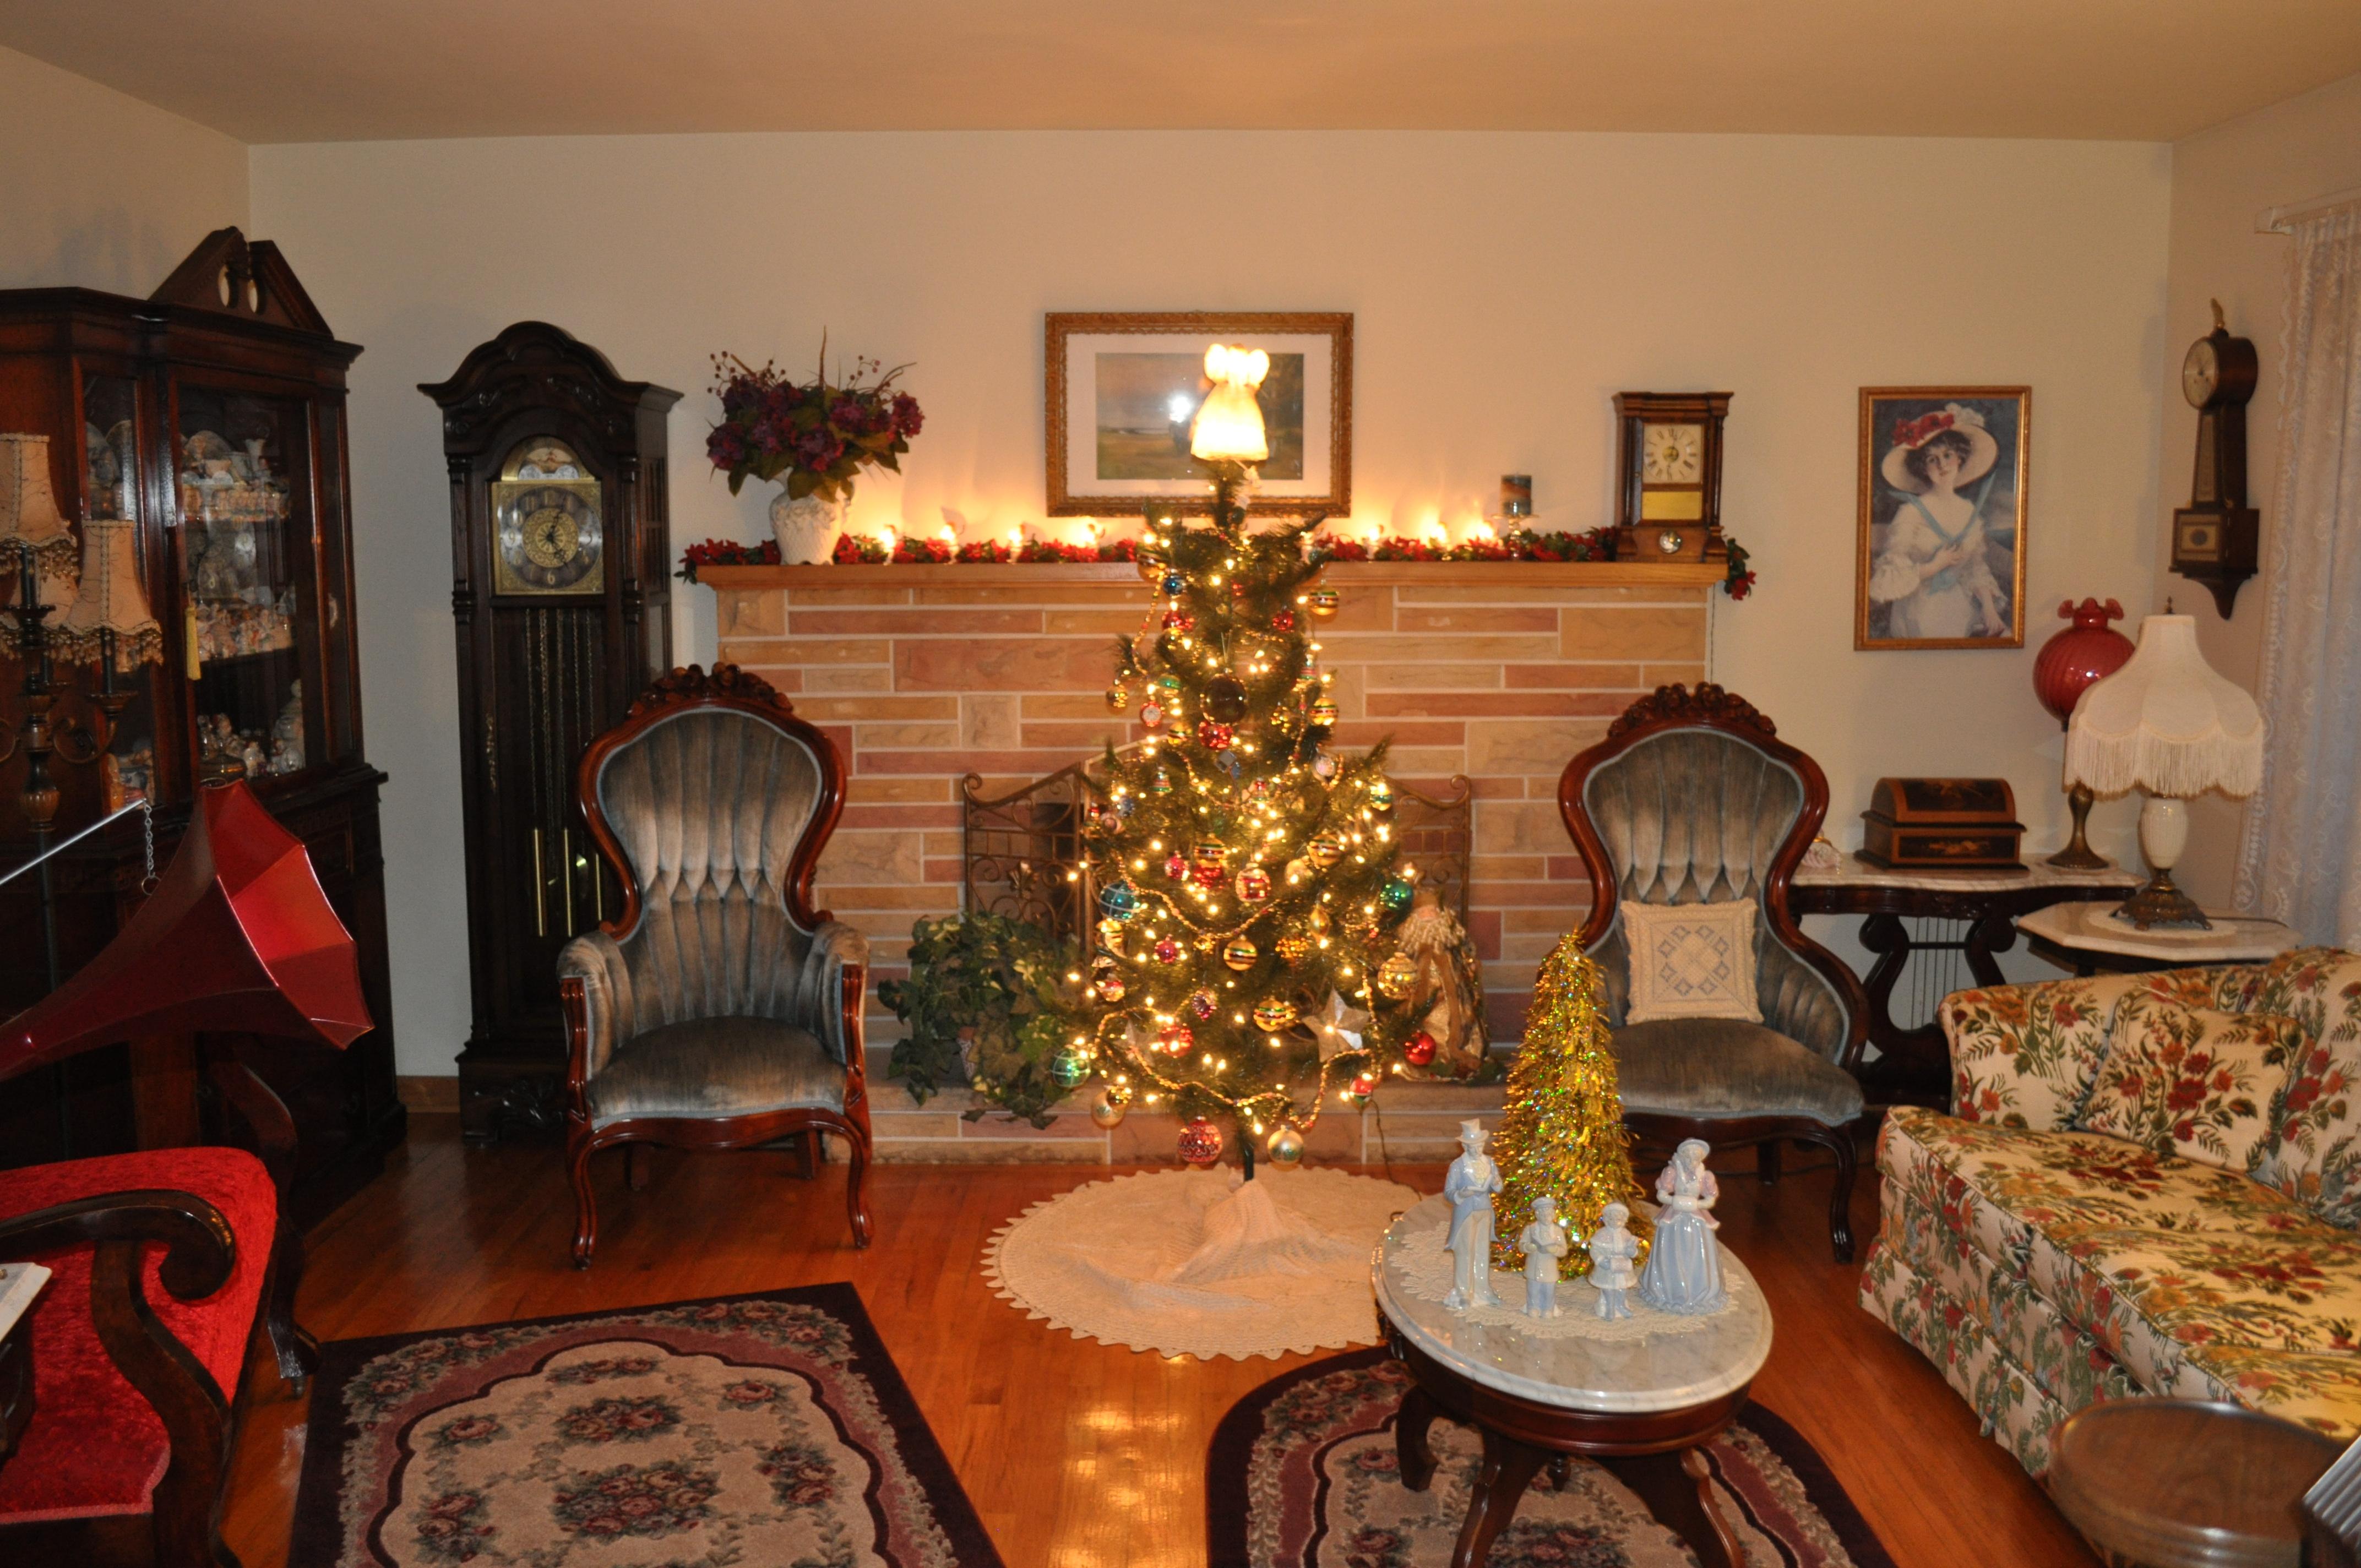 Immagini Vittoriane Natalizie.Sfondi Ohio Orologio Casa Bellezza Camino Albero Di